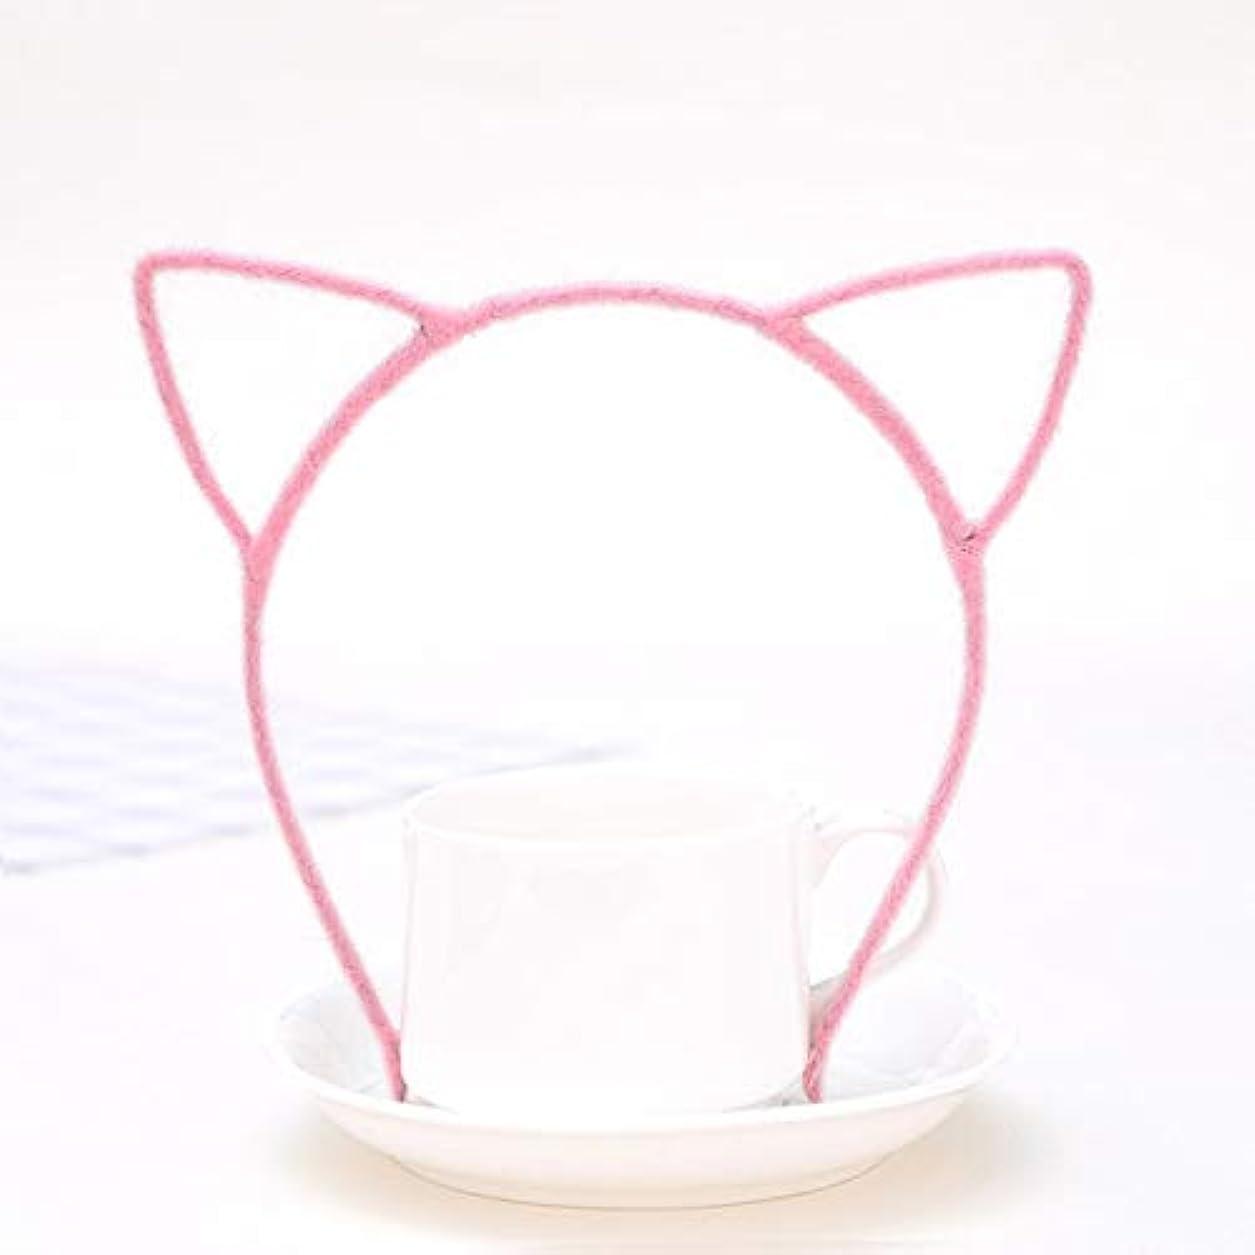 ストレスの多い月曜日ロードハウスGUANG-HOME ぬいぐるみ猫耳ヘッドバンド原宿スタイル本物の細かいヘッドバンド小悪魔猫ヘアアクセサリージュエリーヘアピン (Color : G)